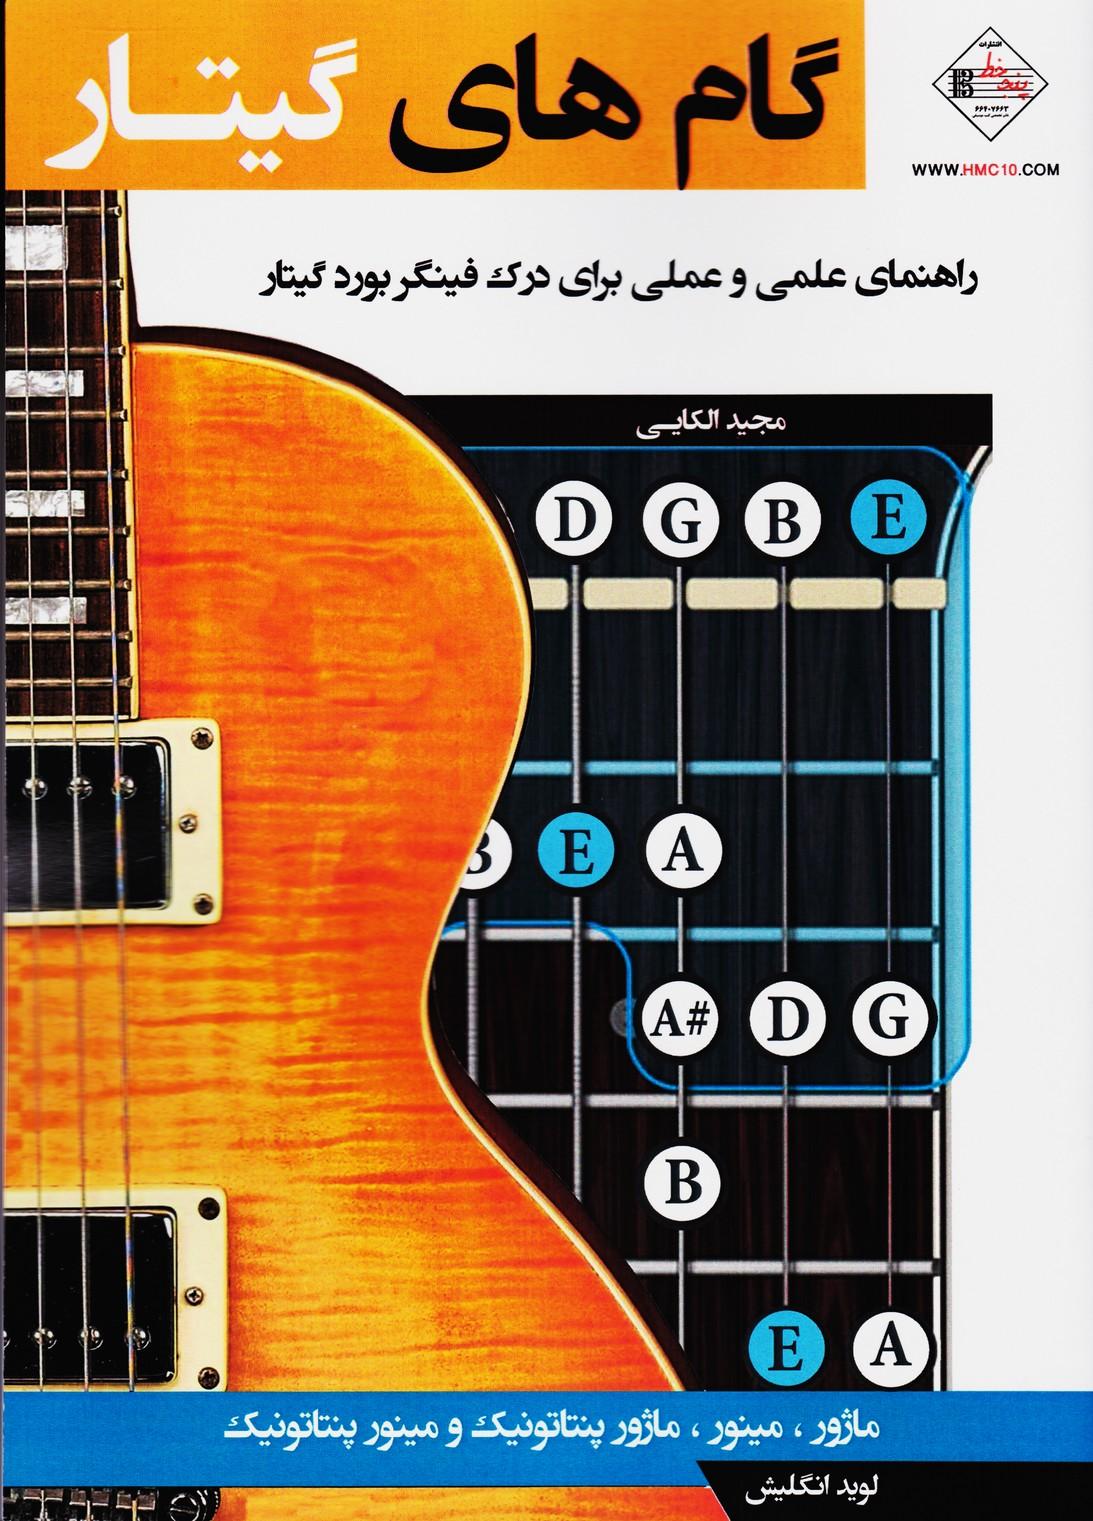 گام های گیتار (راهنمای علمی و عملی برای درک فینگر بورد گیتار)